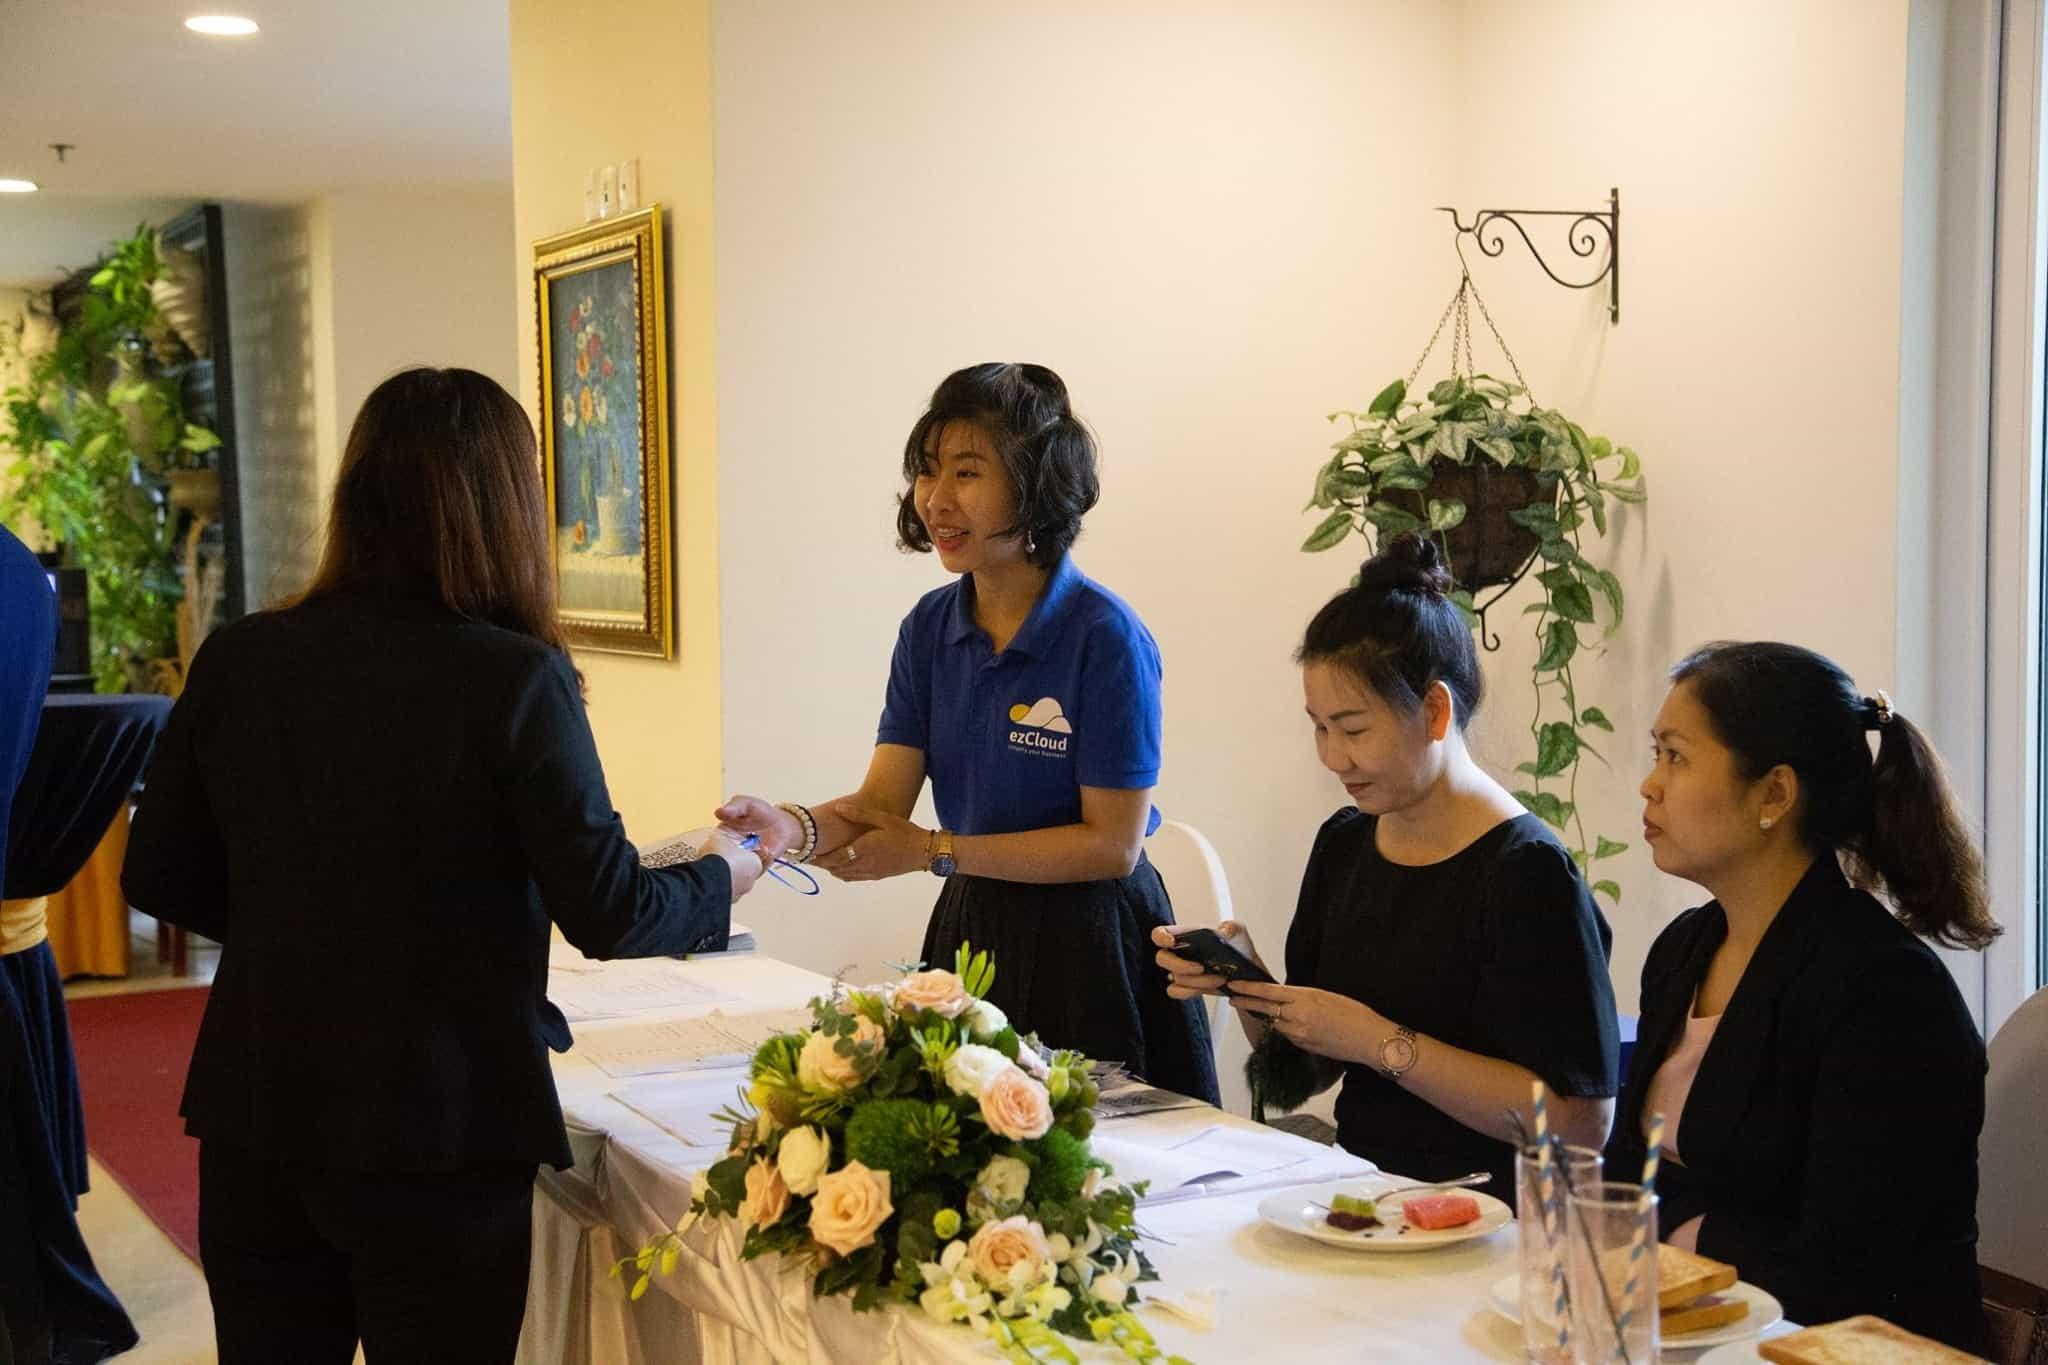 Hội nghị: Đẩy mạnh ứng dụng công nghệ số trong quản lý và kinh doanh khách sạn